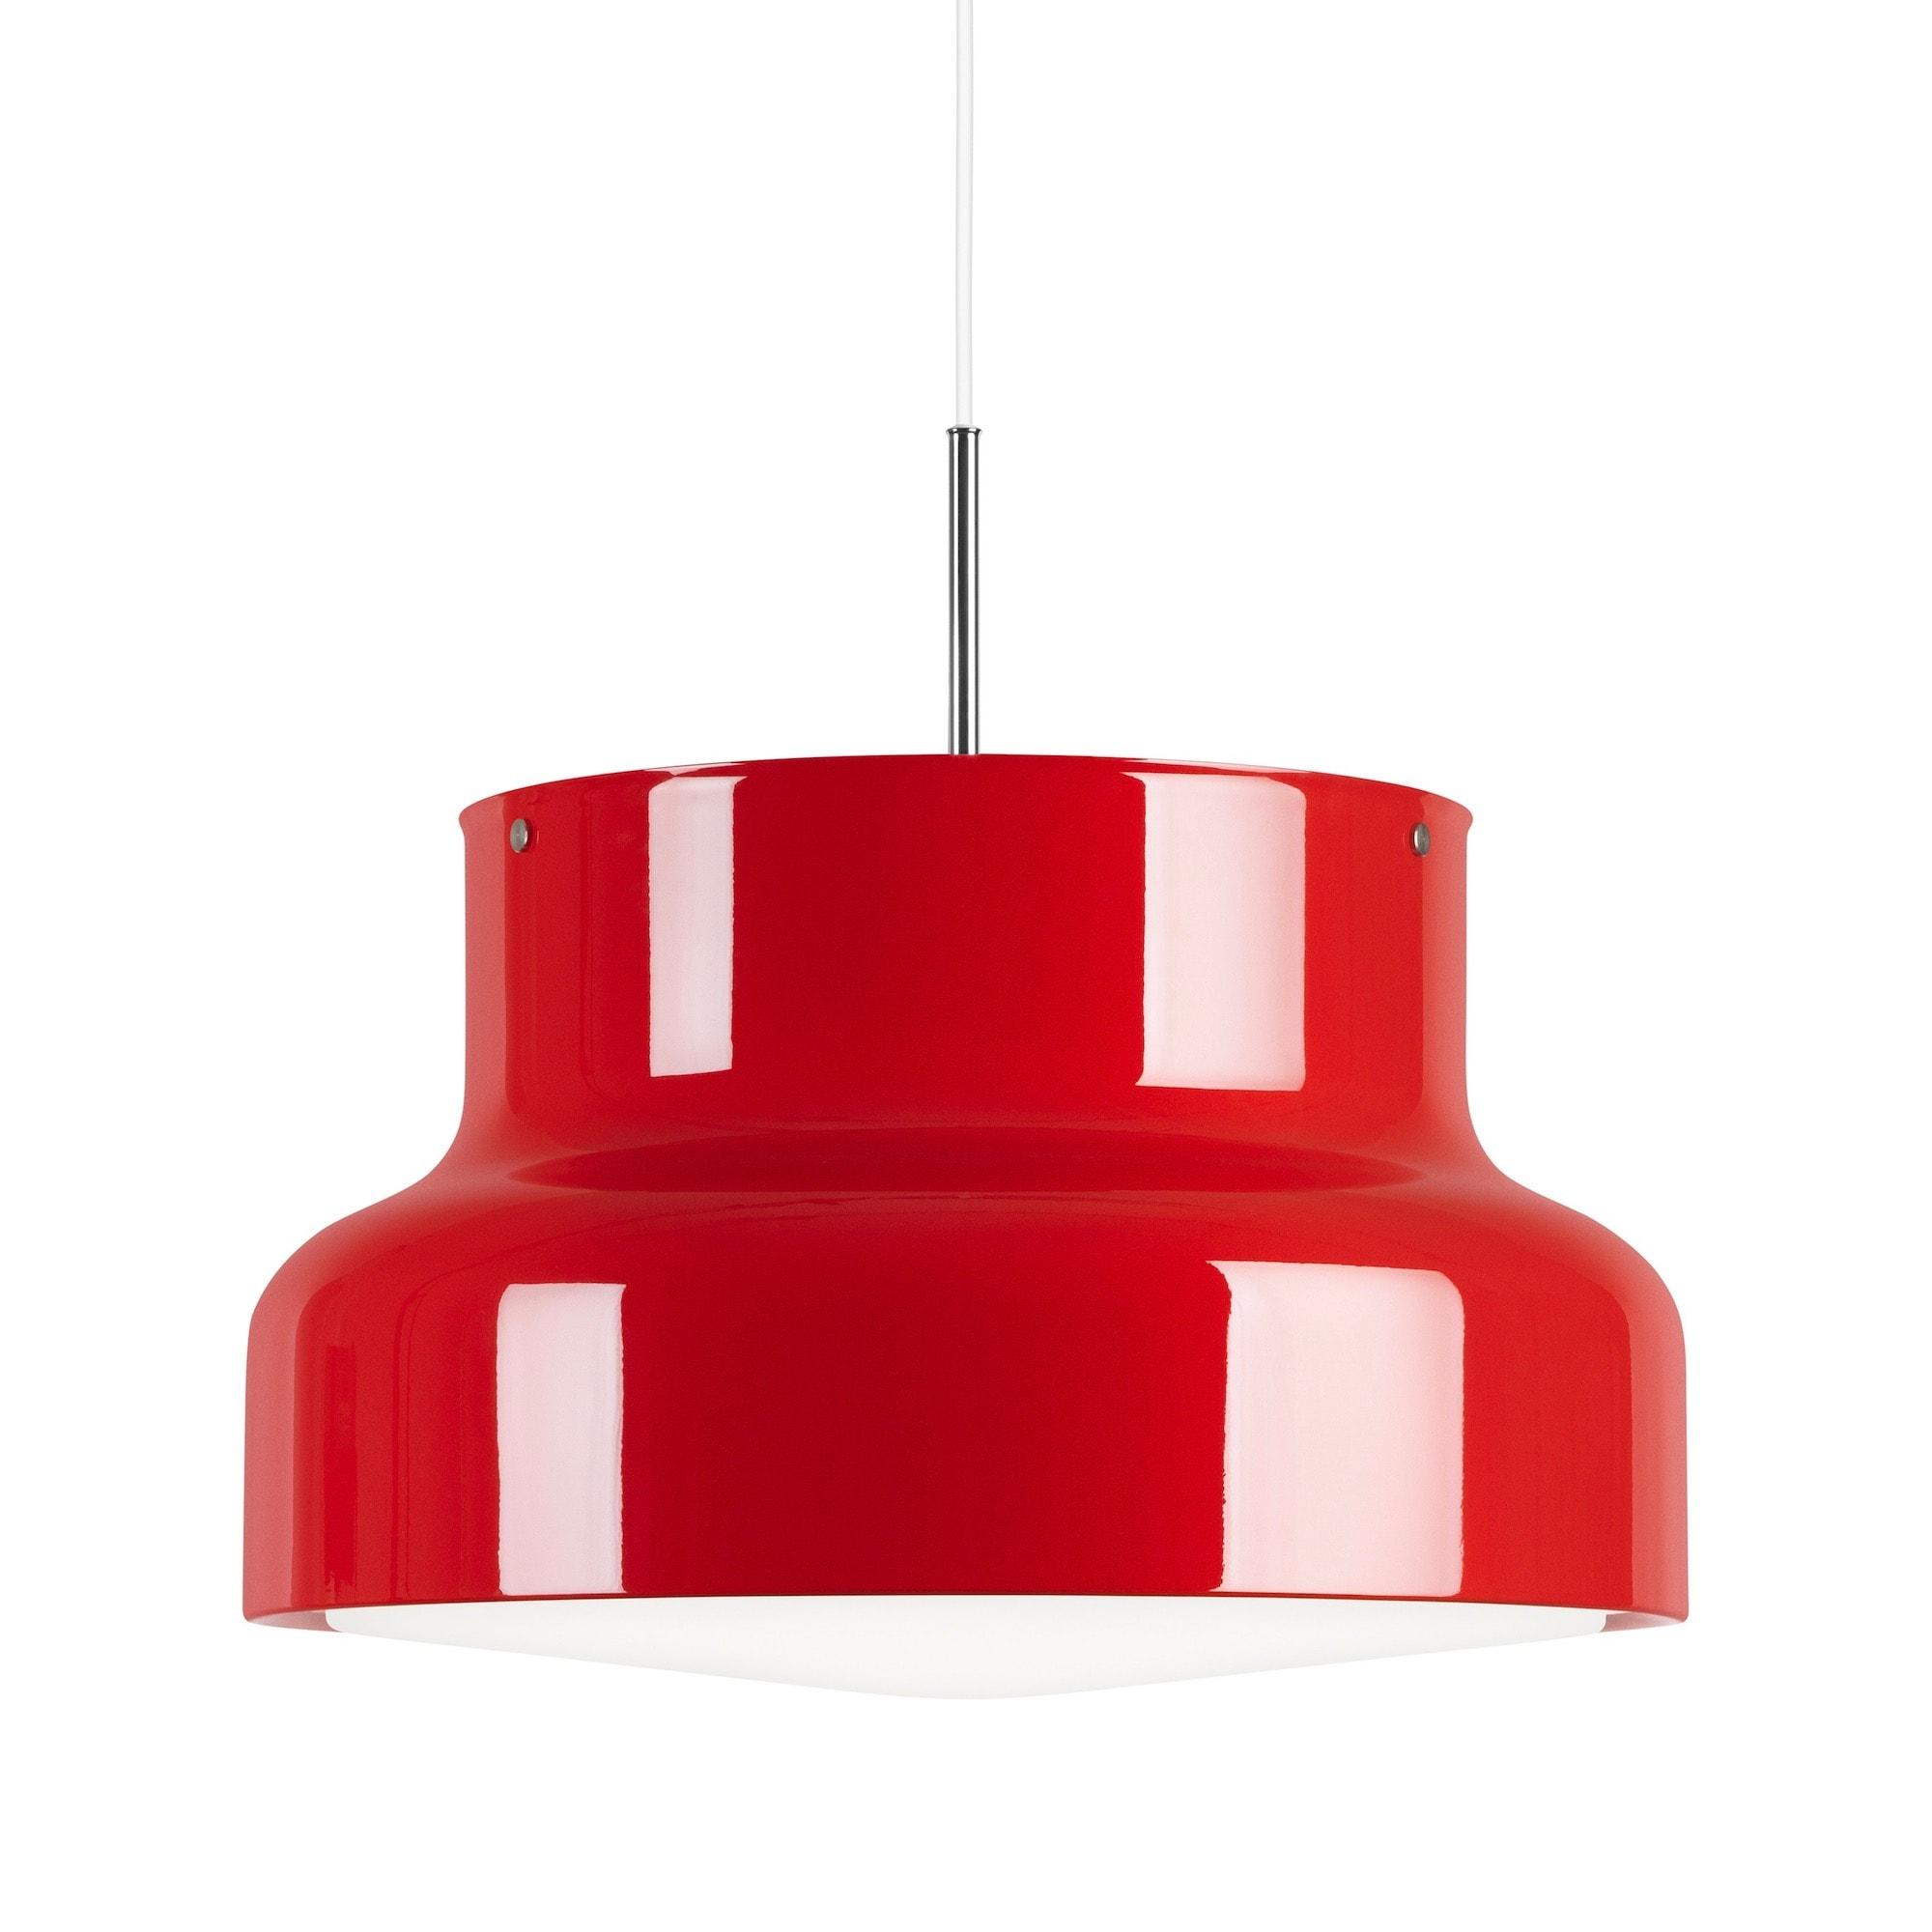 Bumling Ø600 med ringraster i akryl röd